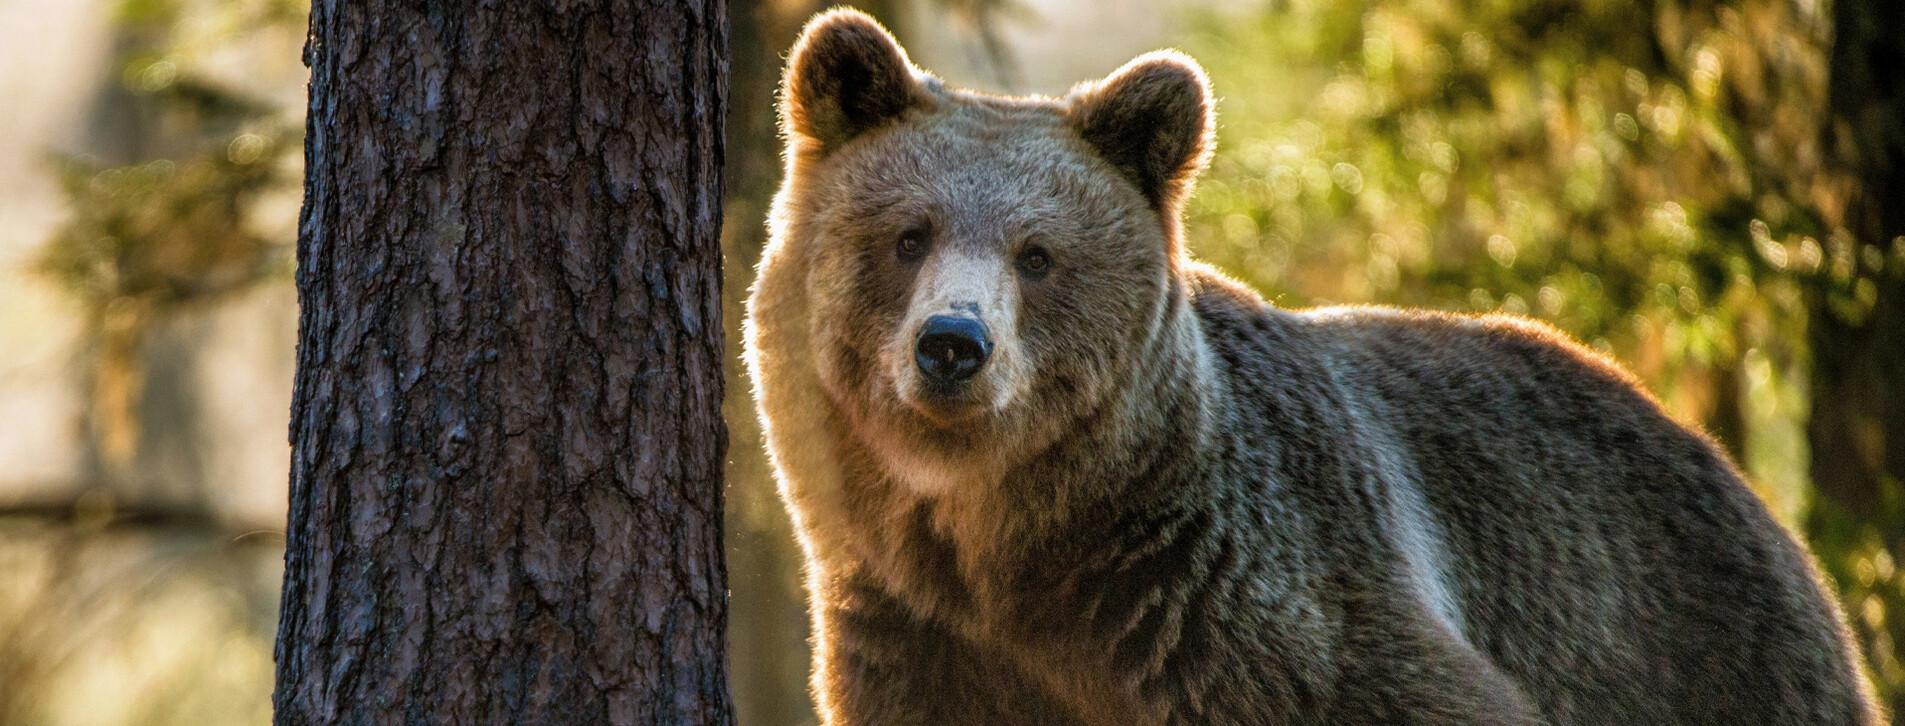 Фото 1 - Индивидуальная экскурсия в медвежий приют